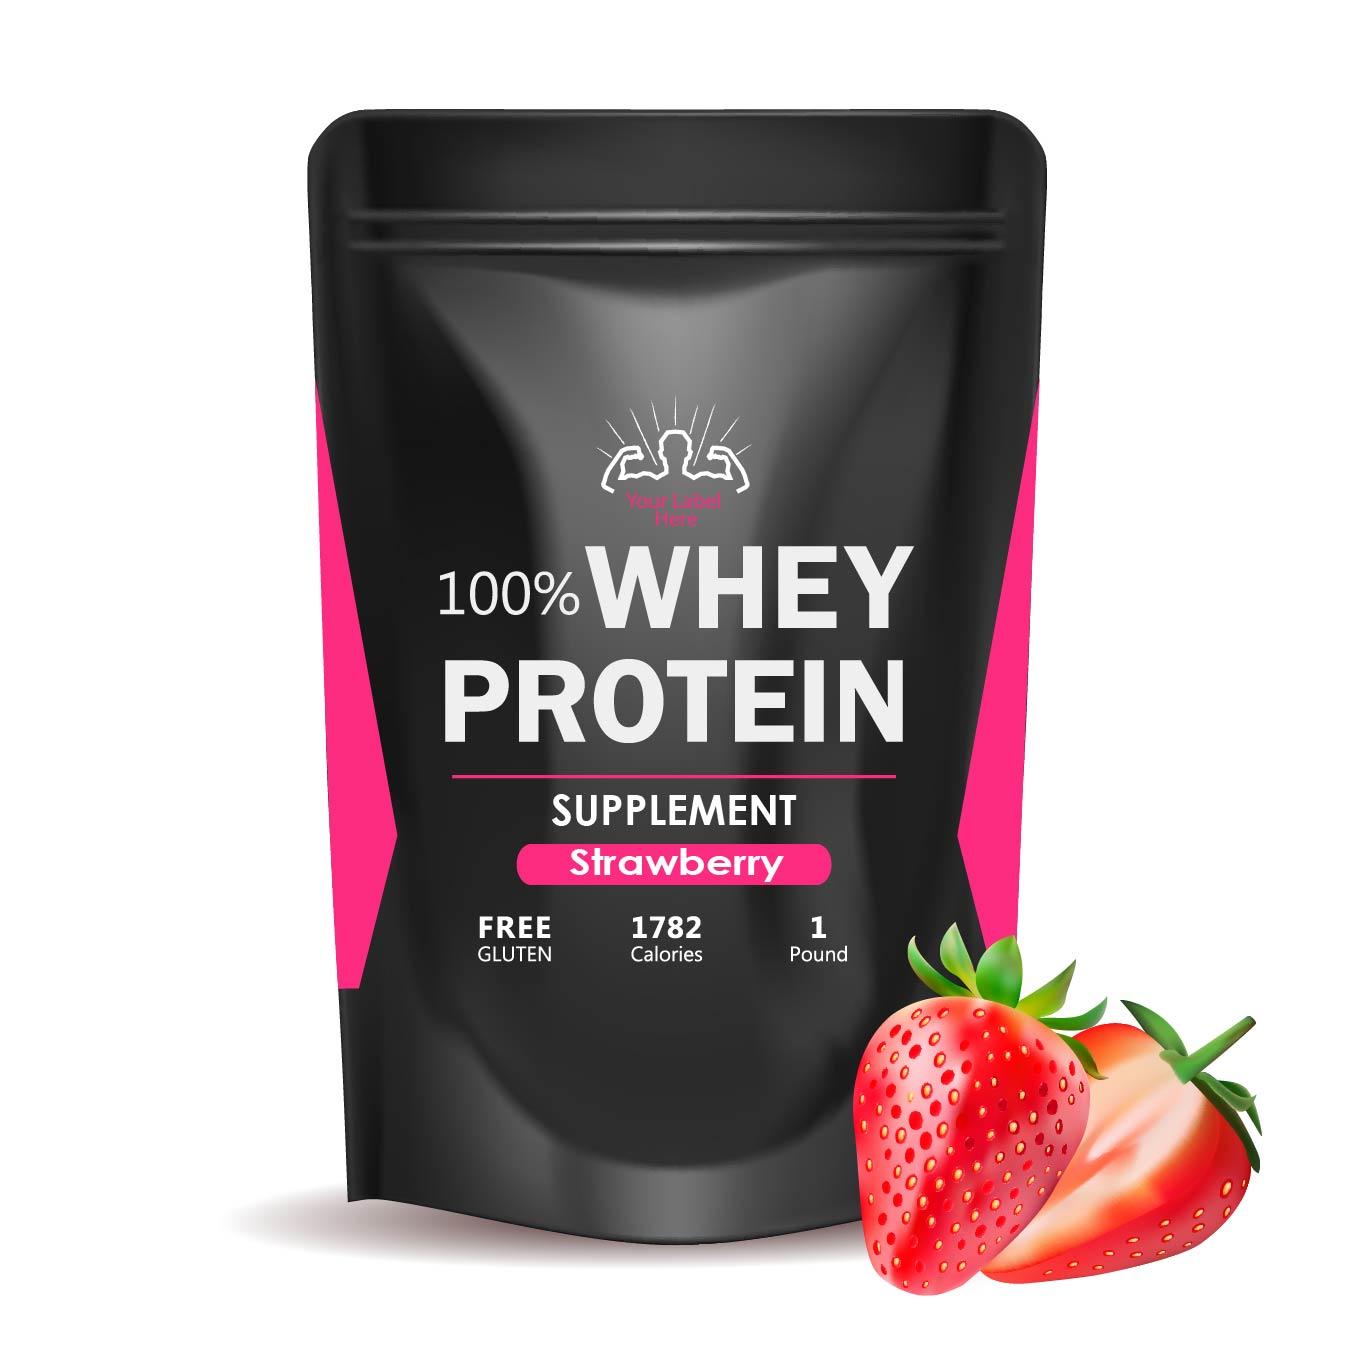 Диета На Соевом Протеине. Протеиновая диета